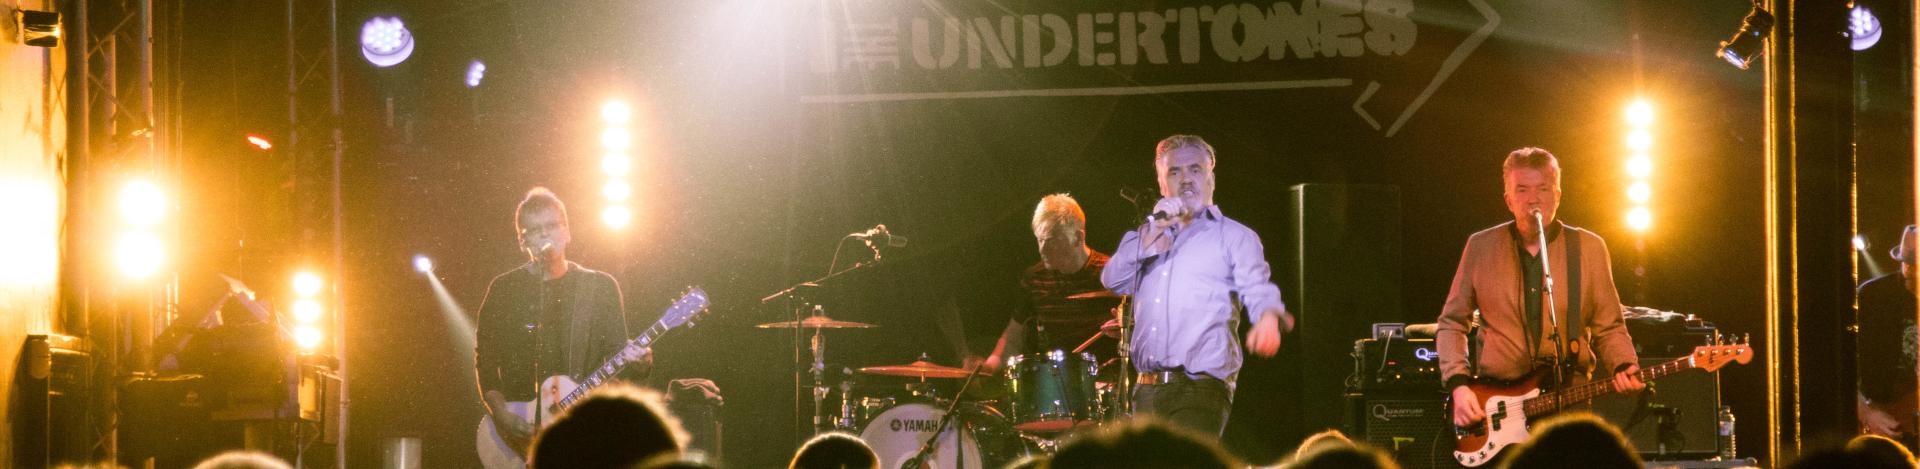 The Undertones – Concorde 2